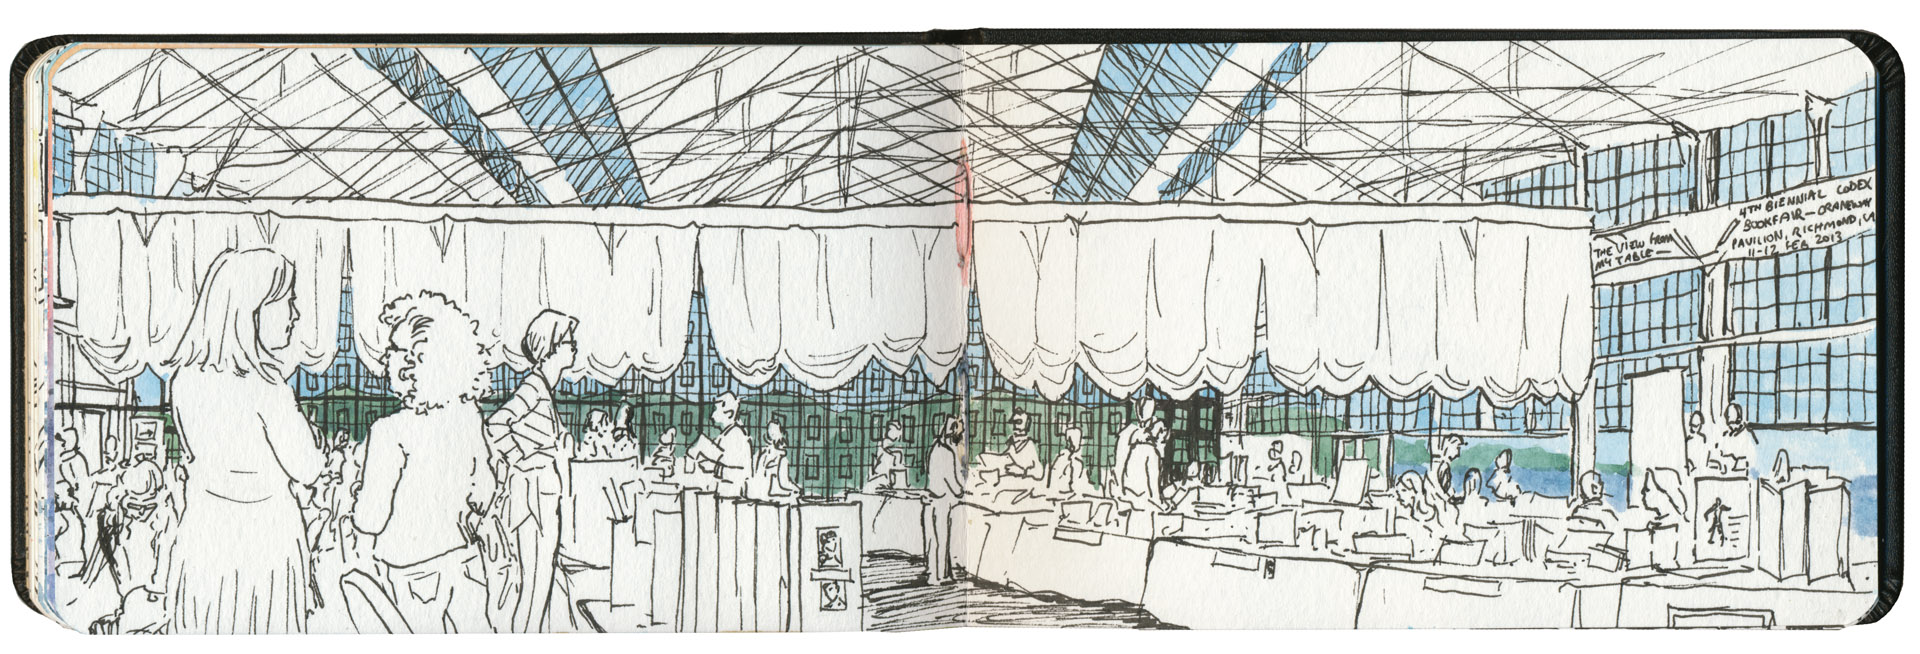 1920x654 Craneway Pavilion Venue